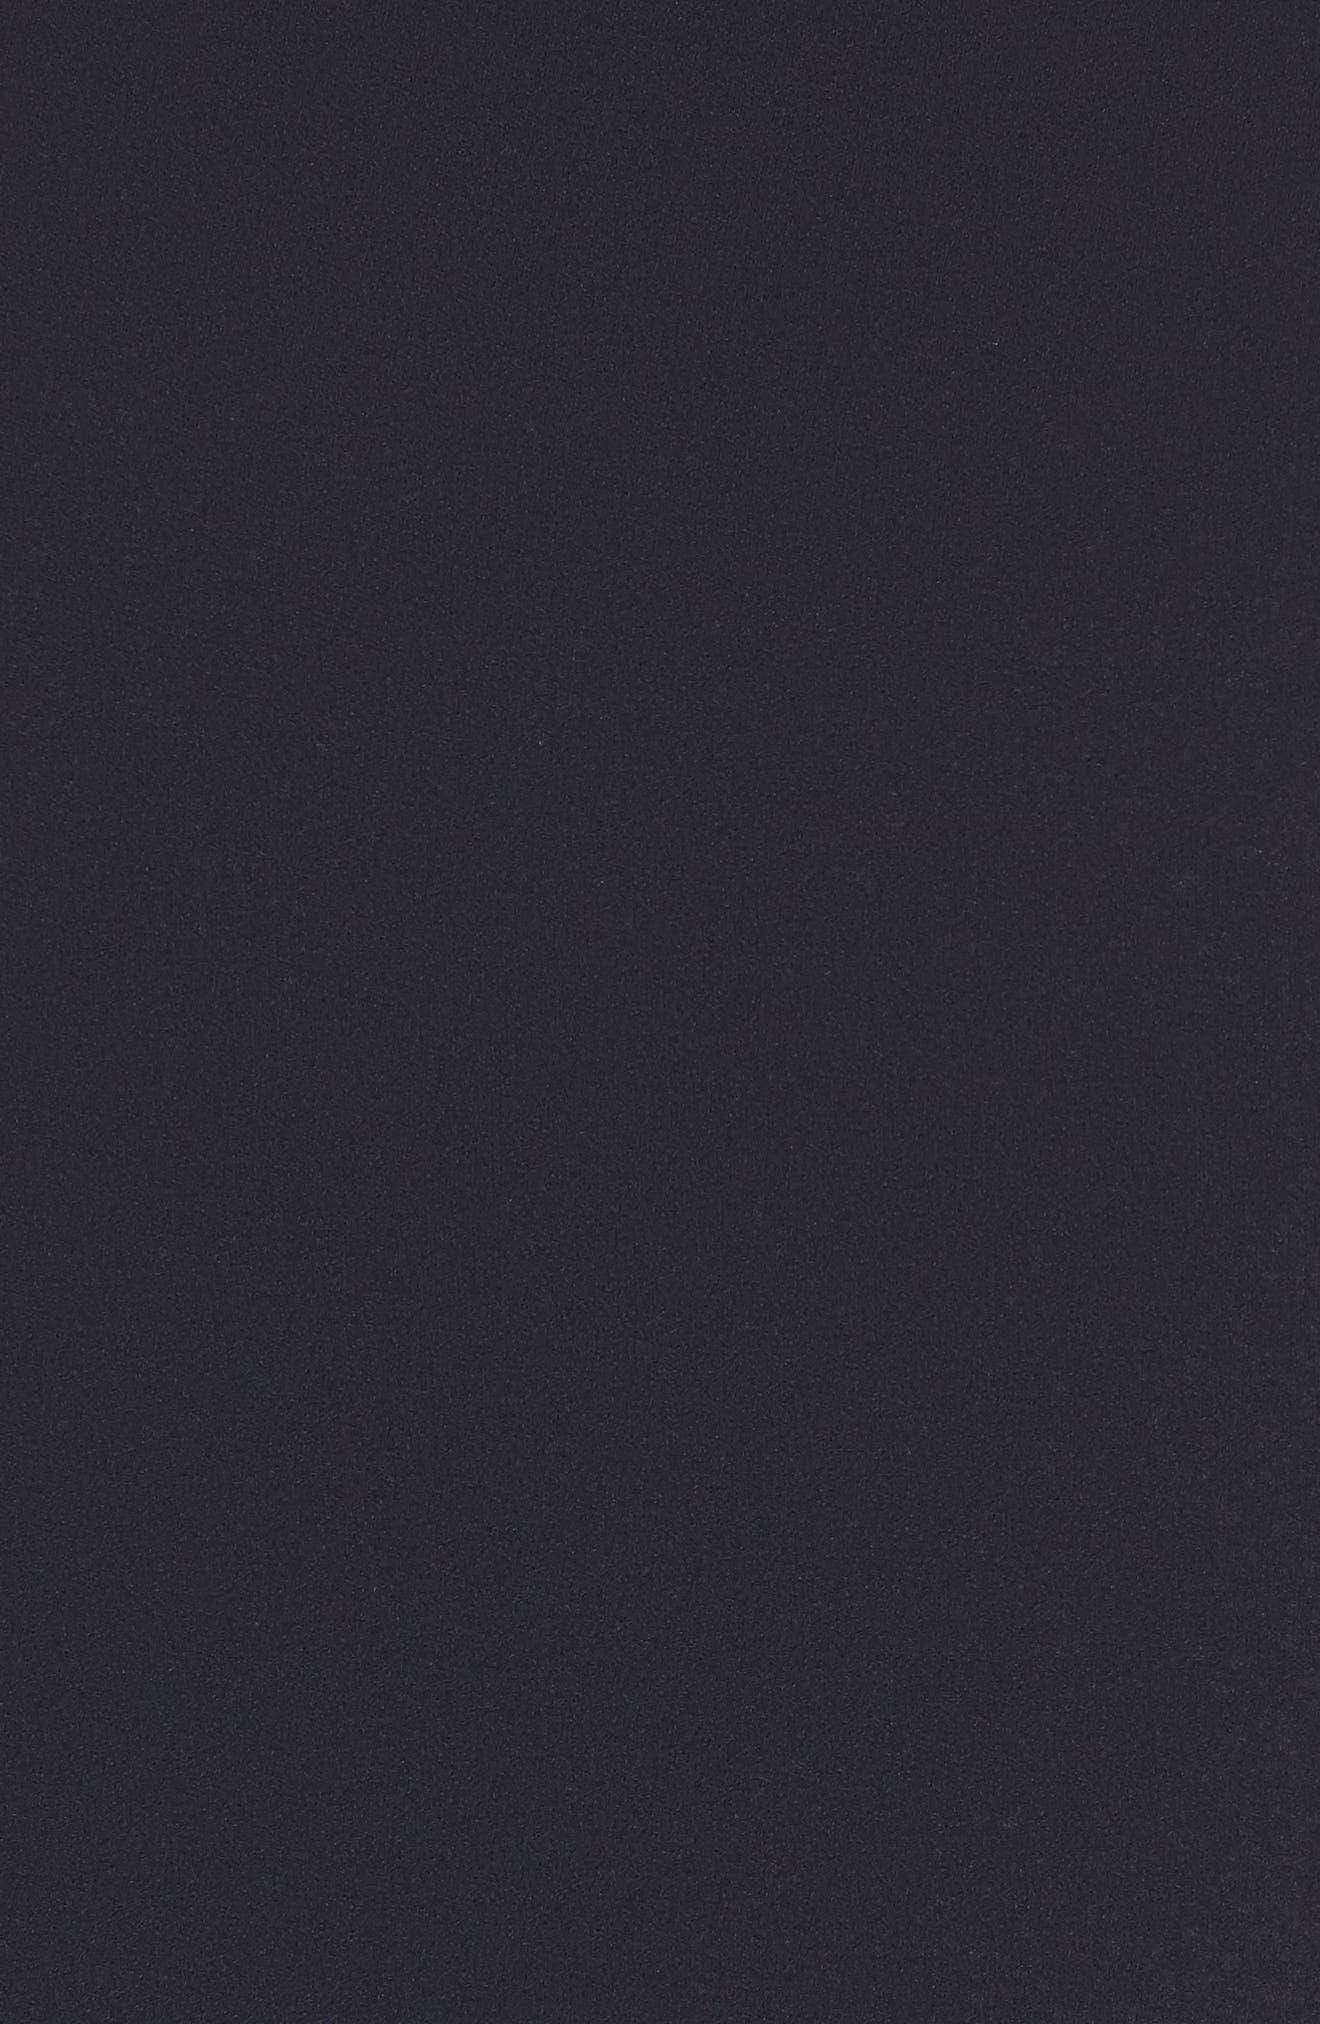 Ruffle Sleeve Scuba Crepe A-Line Dress,                             Alternate thumbnail 5, color,                             Navy